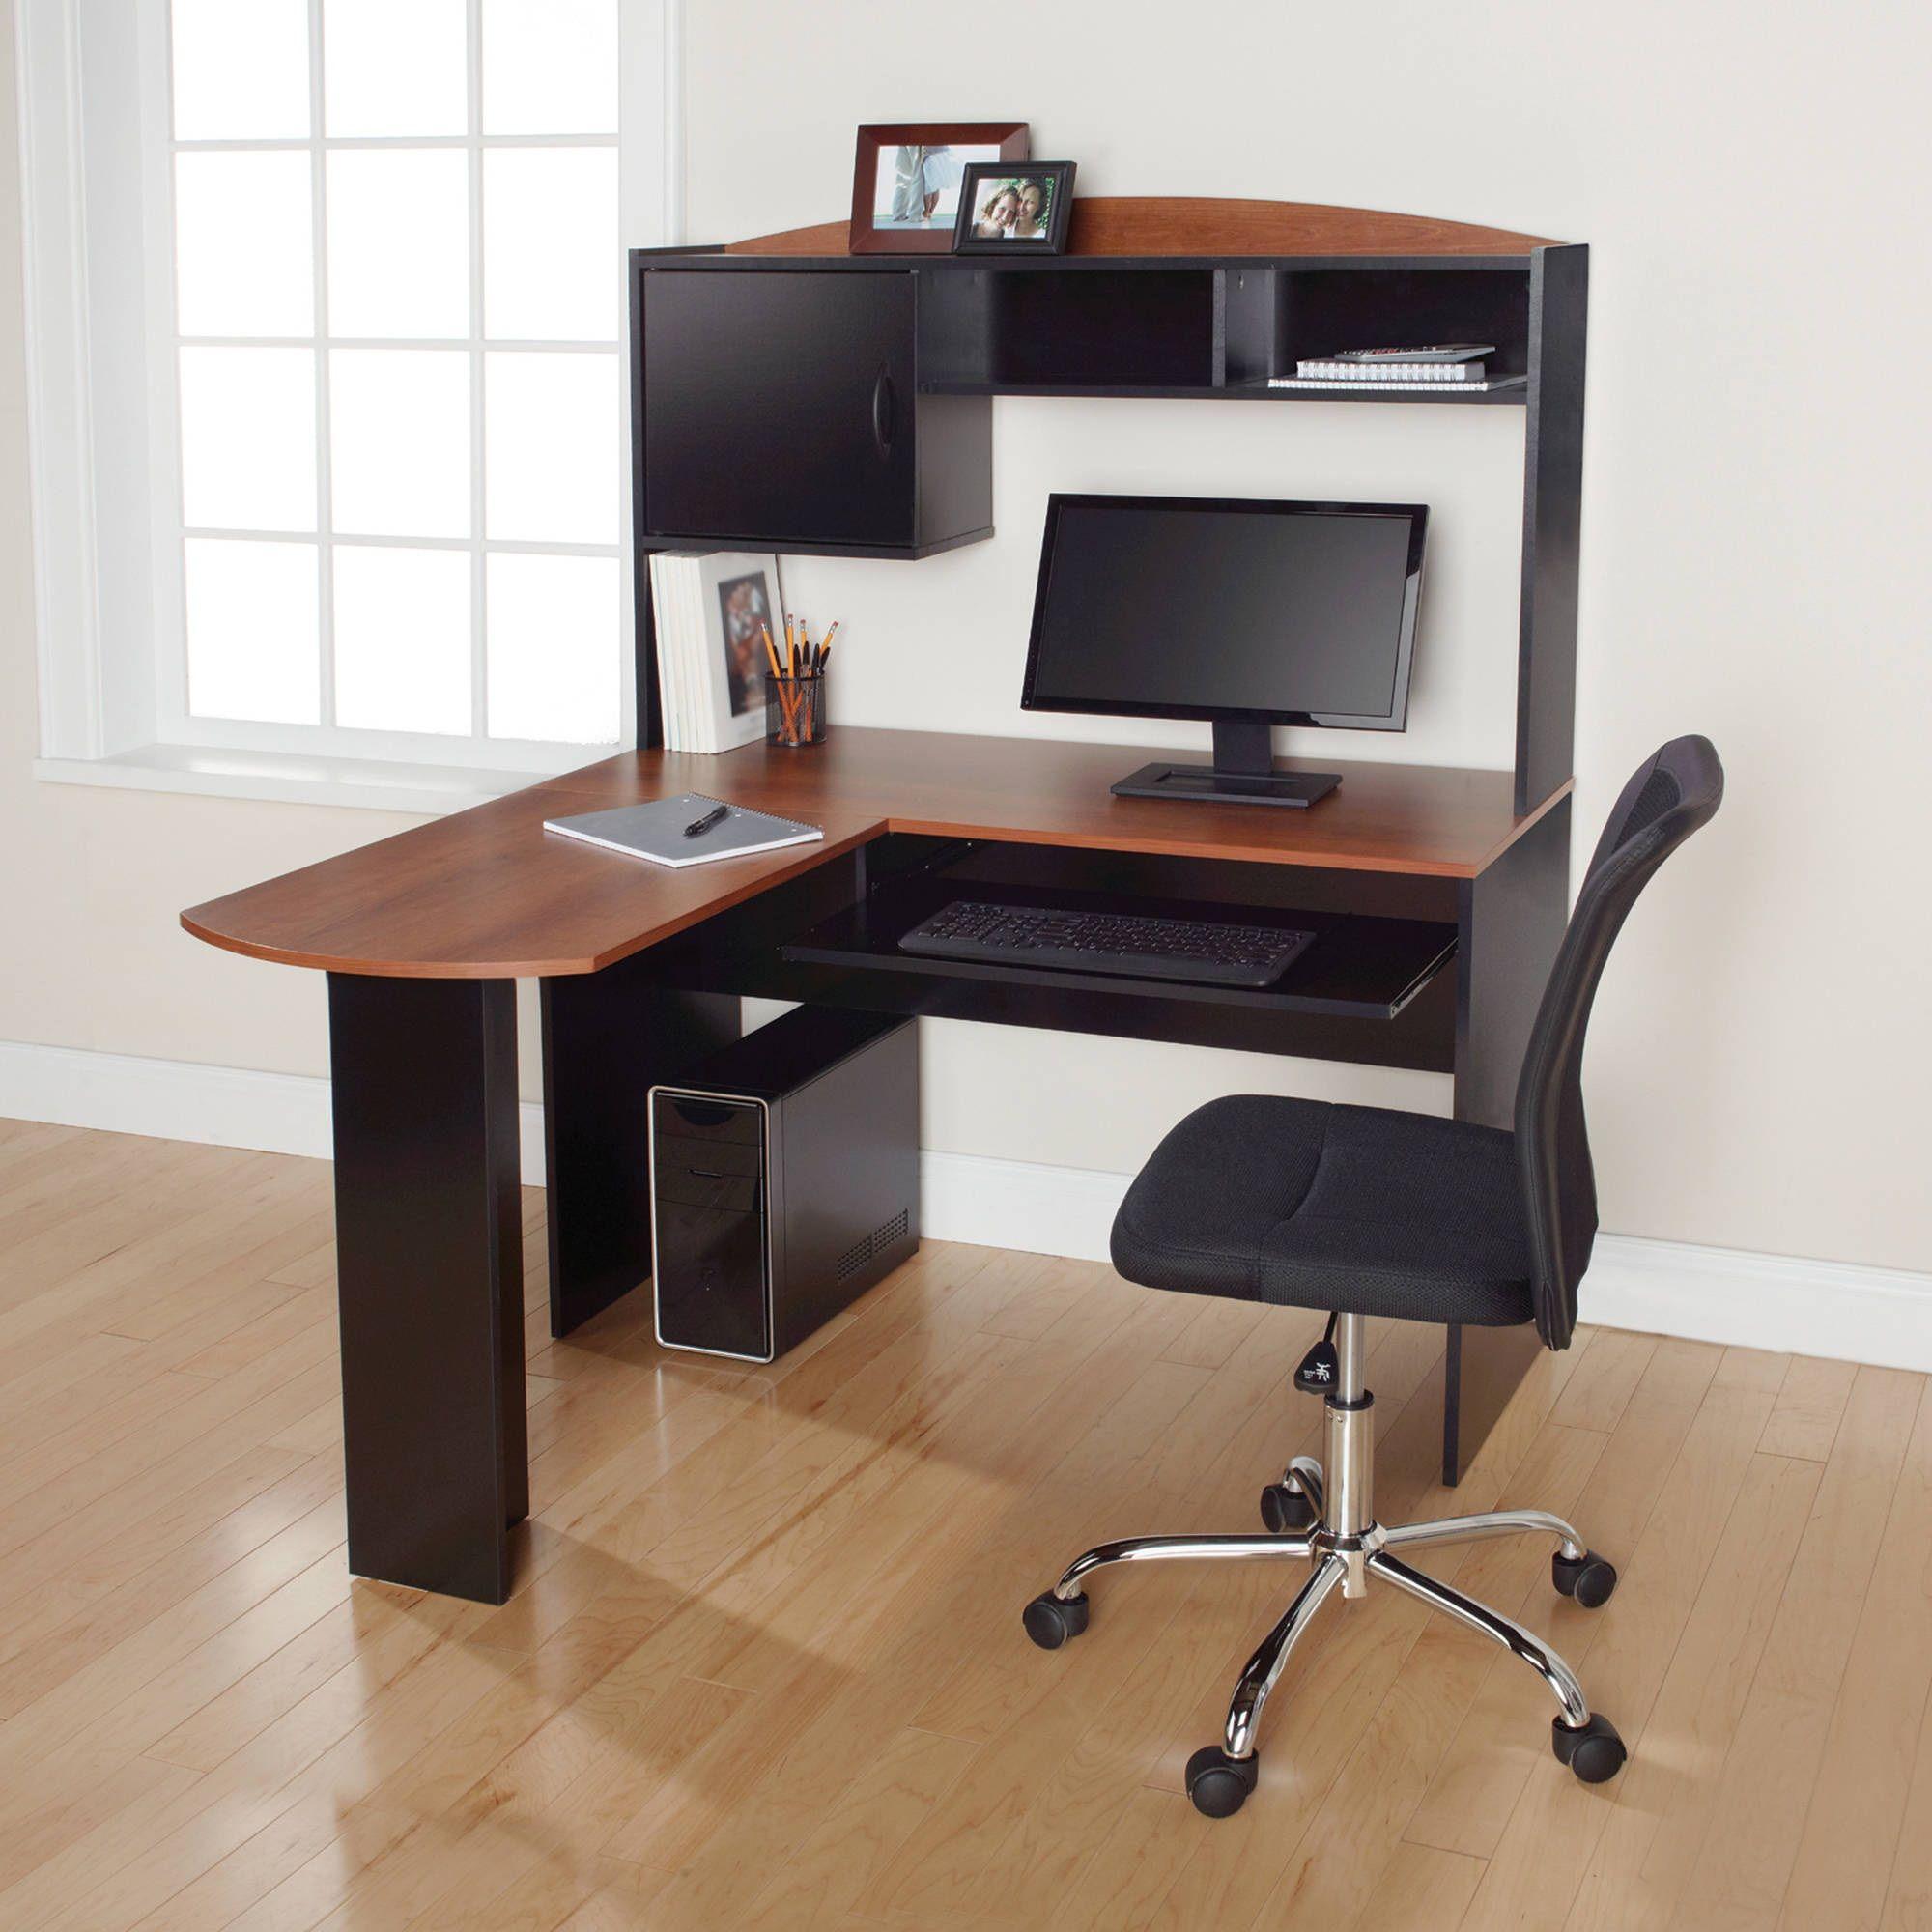 Interesting Corner Desk Walmart Home Office Furniture Sets